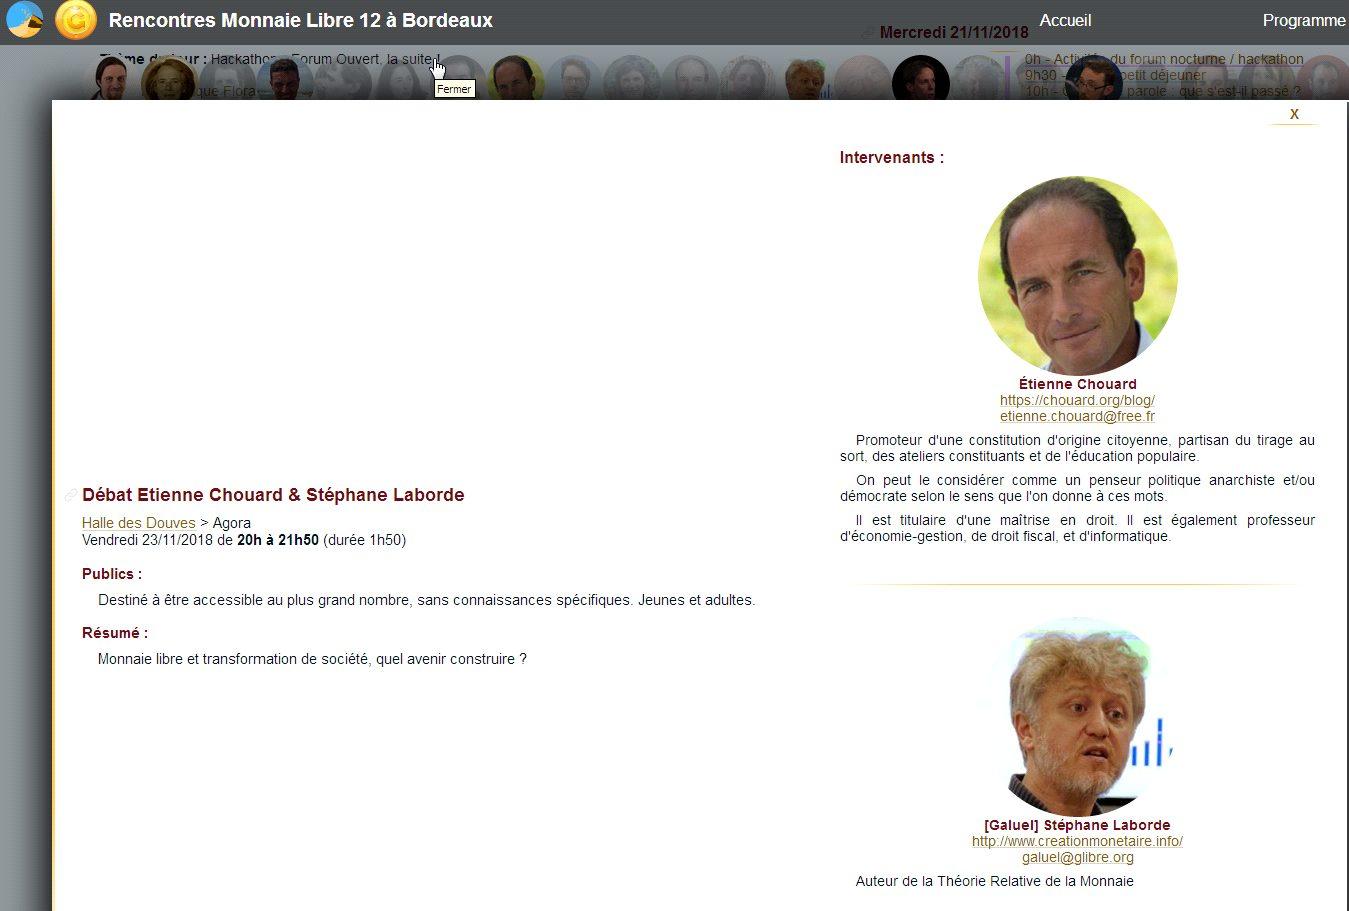 Rendez-vous aux 12e Rencontres de la MONNAIE LIBRE à Bordeaux du 17 au 25 novembre, en partenariat avec les Colibris. J'y interviens le 23 novembre, pour parler de la Ğ1 (june) avec Stéphane Laborde